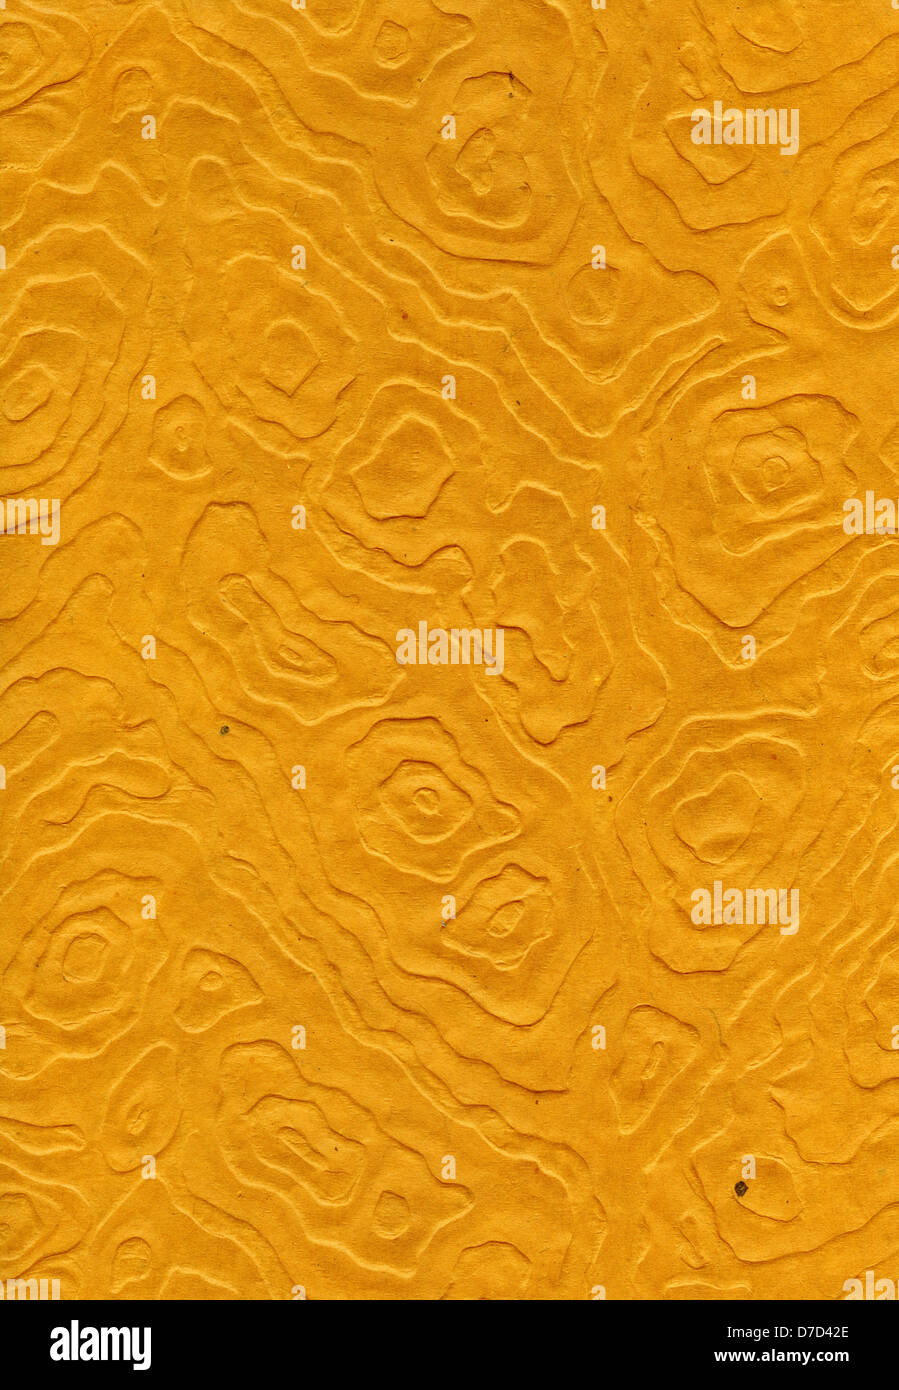 Scansione ad alta risoluzione arancione carta di riso motivo decorativo realizzato mandala anamorfici. Acquisite a 1200dpi utilizzando Epson professionale Foto Stock